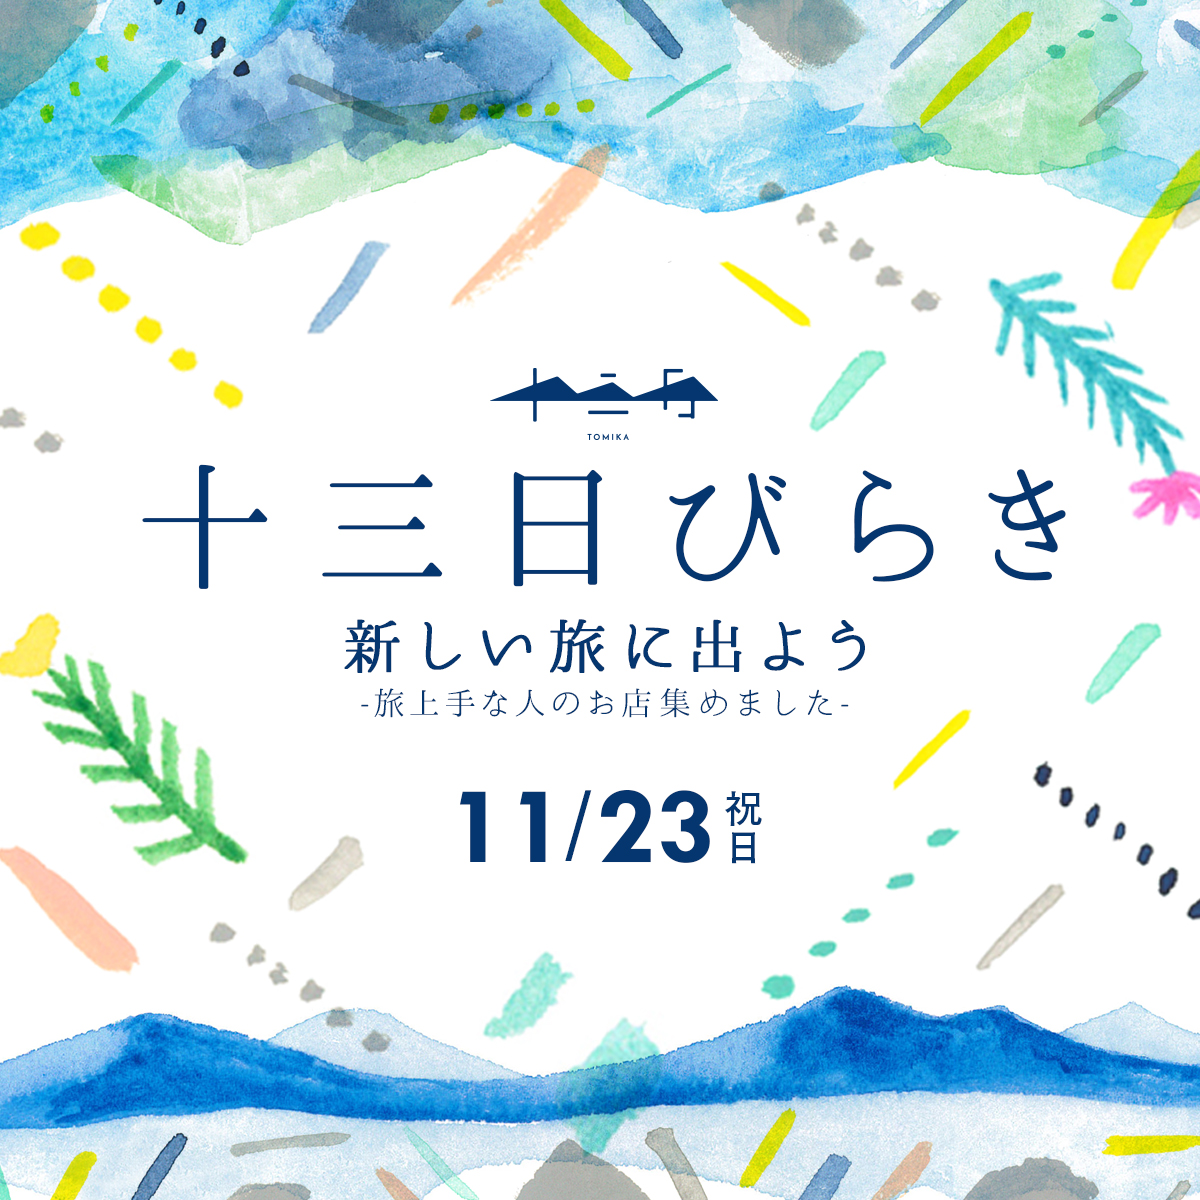 11/23(木)開催 「十三日開き」   新しい旅に出よう  〜旅上手な人のお店集めました〜